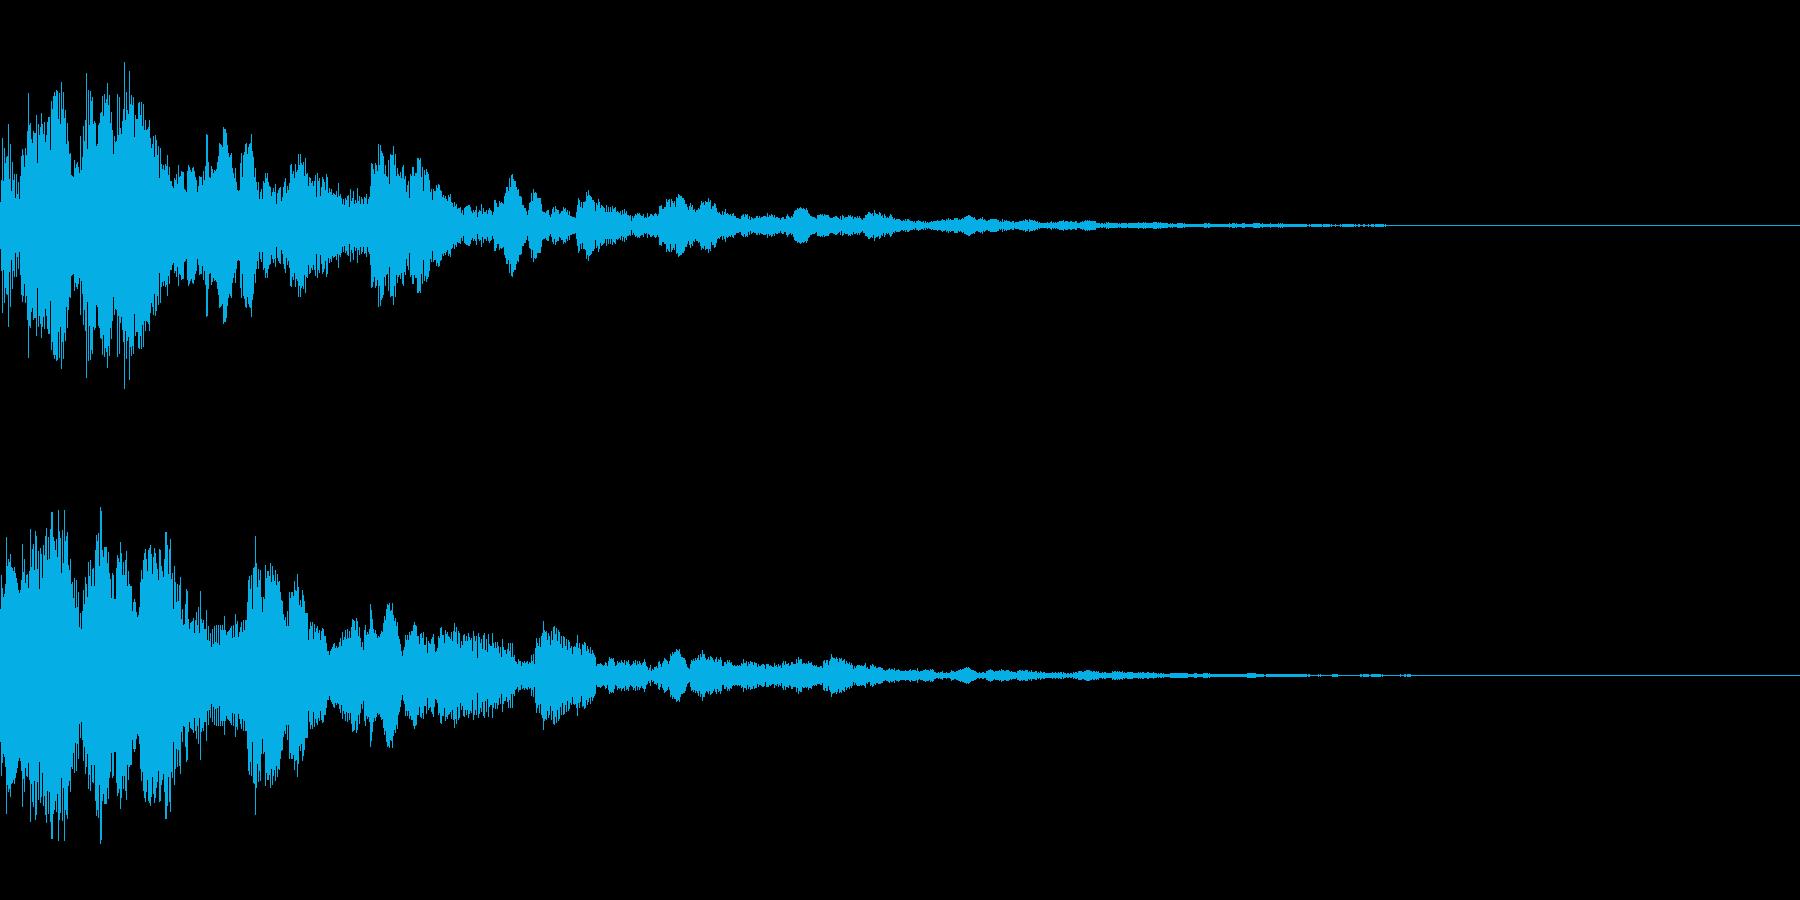 システム音37_Jの再生済みの波形